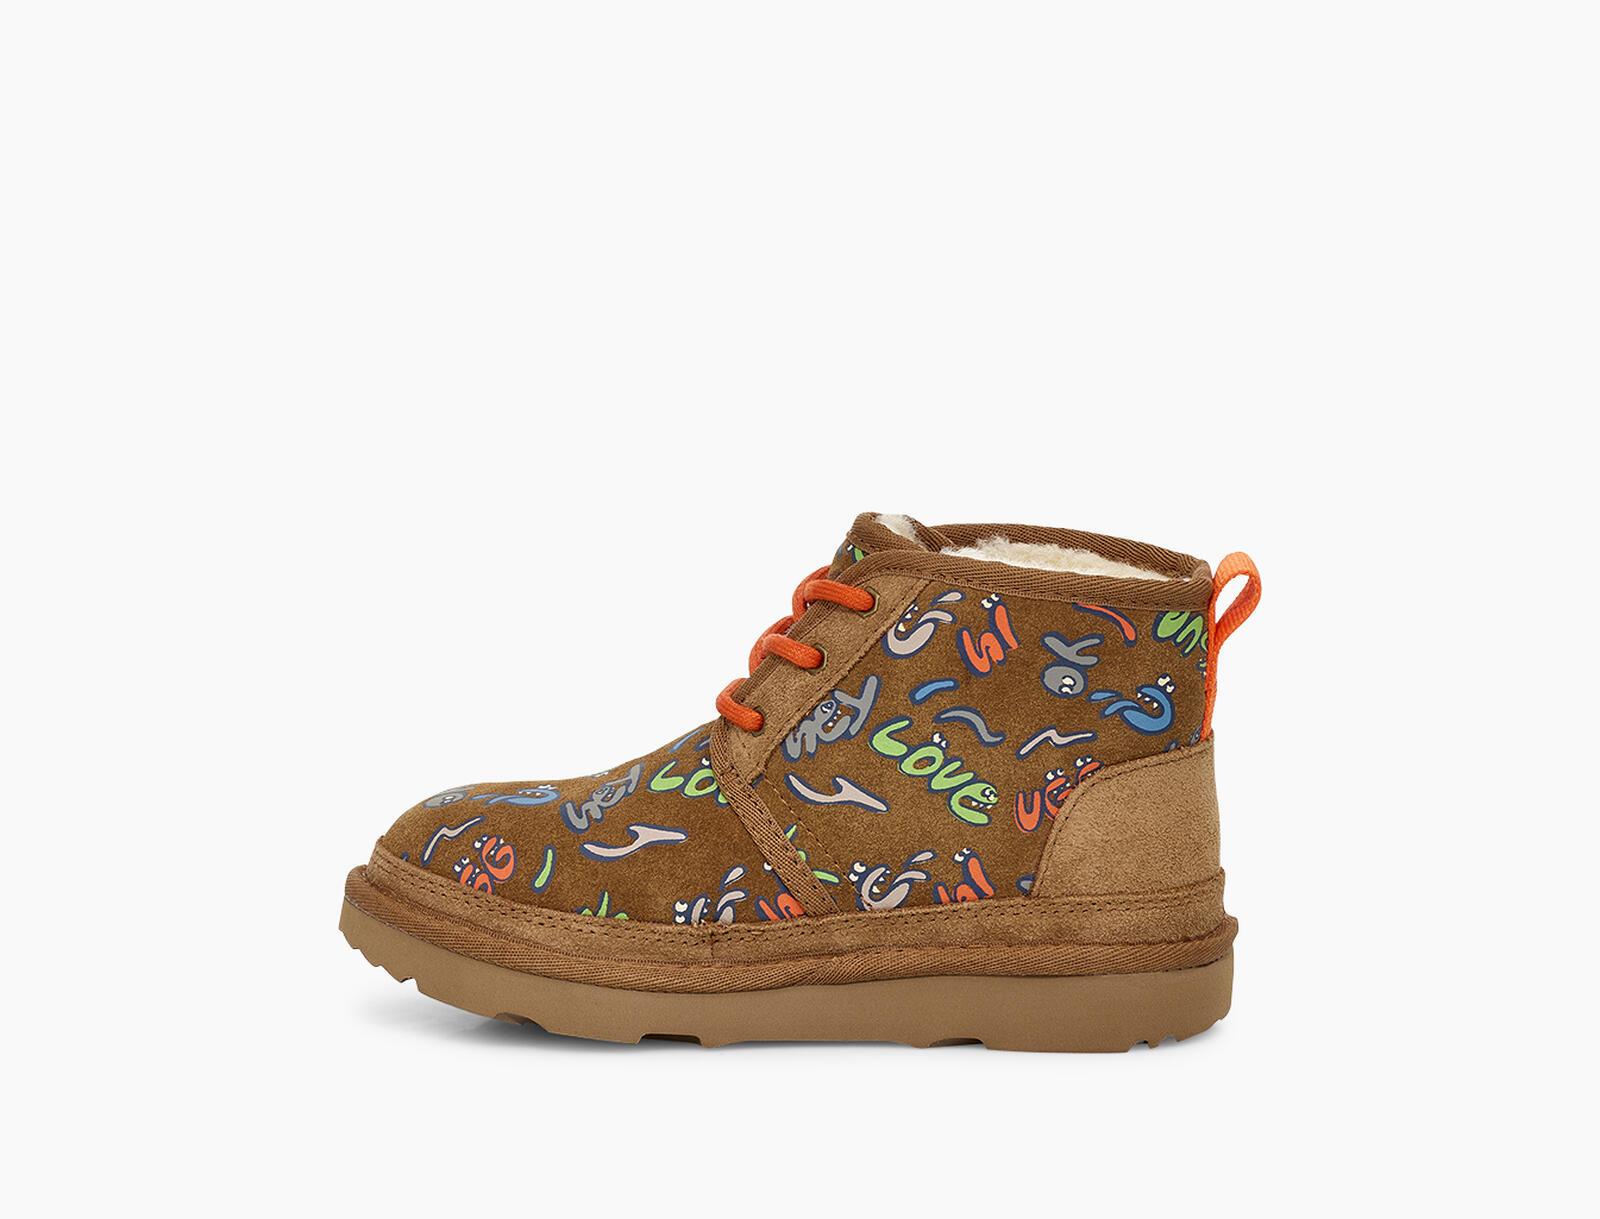 Neumel II Graffiti Boot